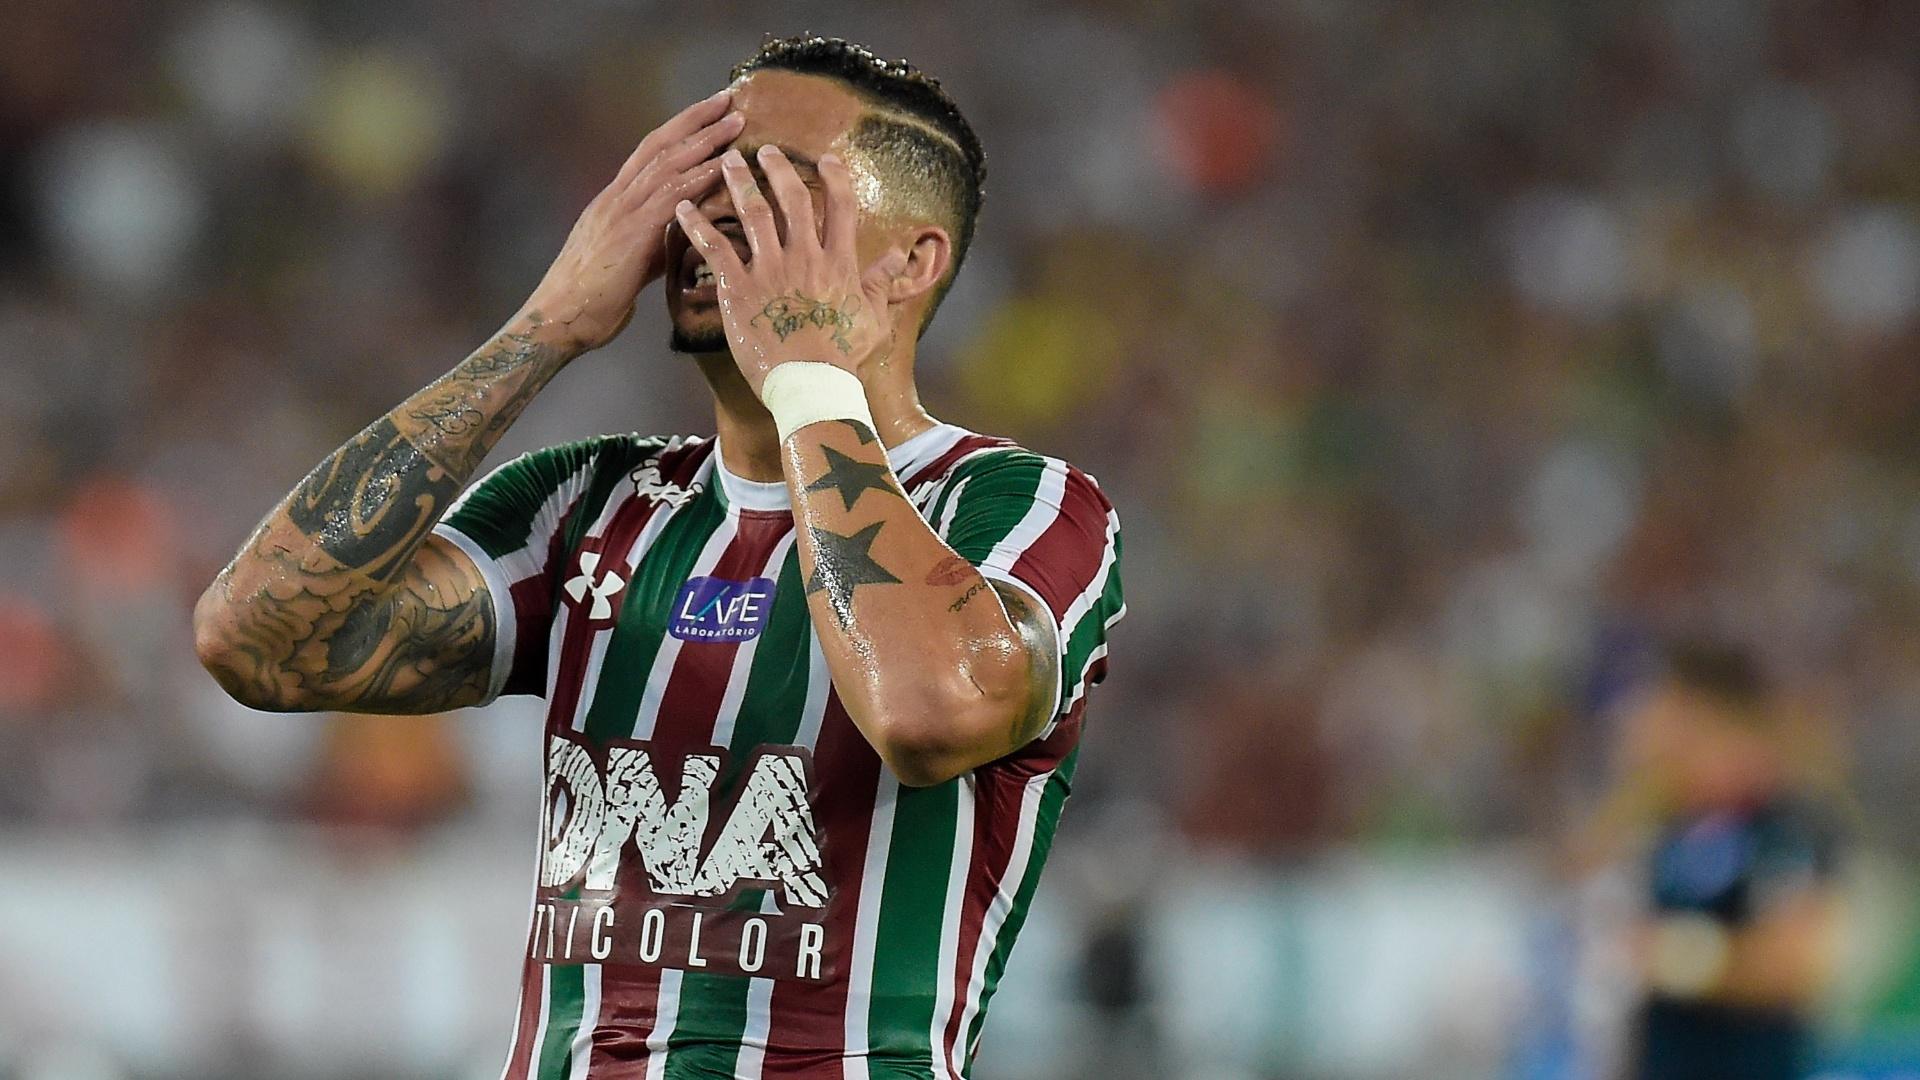 Luciano lamenta chance perdida pelo Fluminense em jogo contra o Nacional-URU